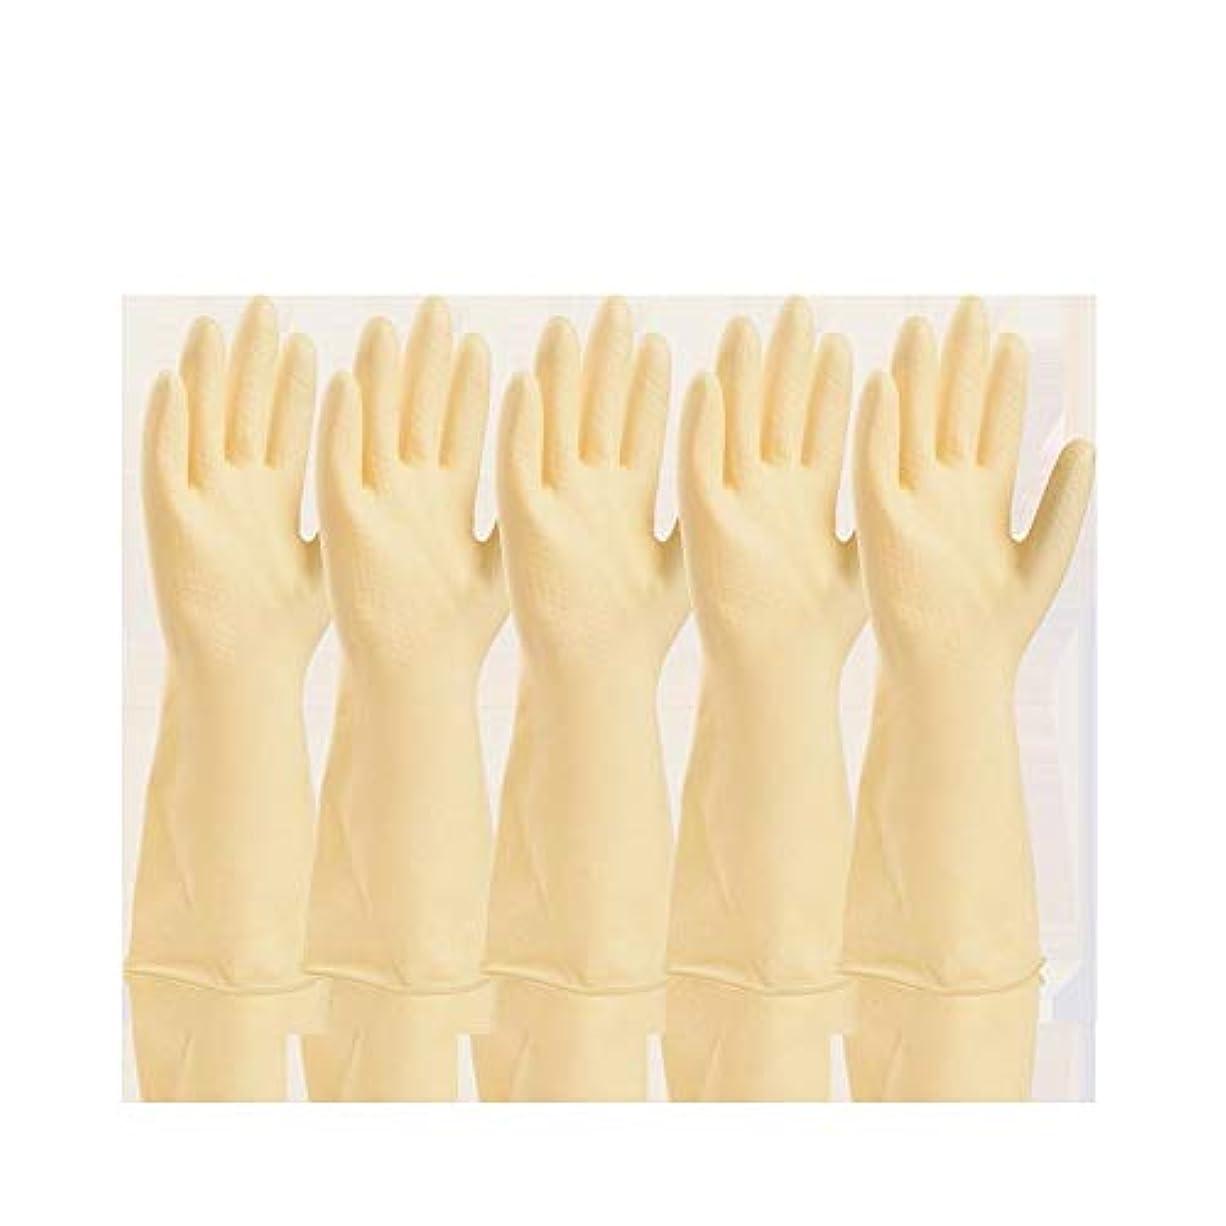 退屈参加する冷淡なニトリルゴム手袋 工業用手袋厚手のプラスチック製保護用耐水性防水ラテックス手袋、5ペア 使い捨て手袋 (Color : White, Size : L)